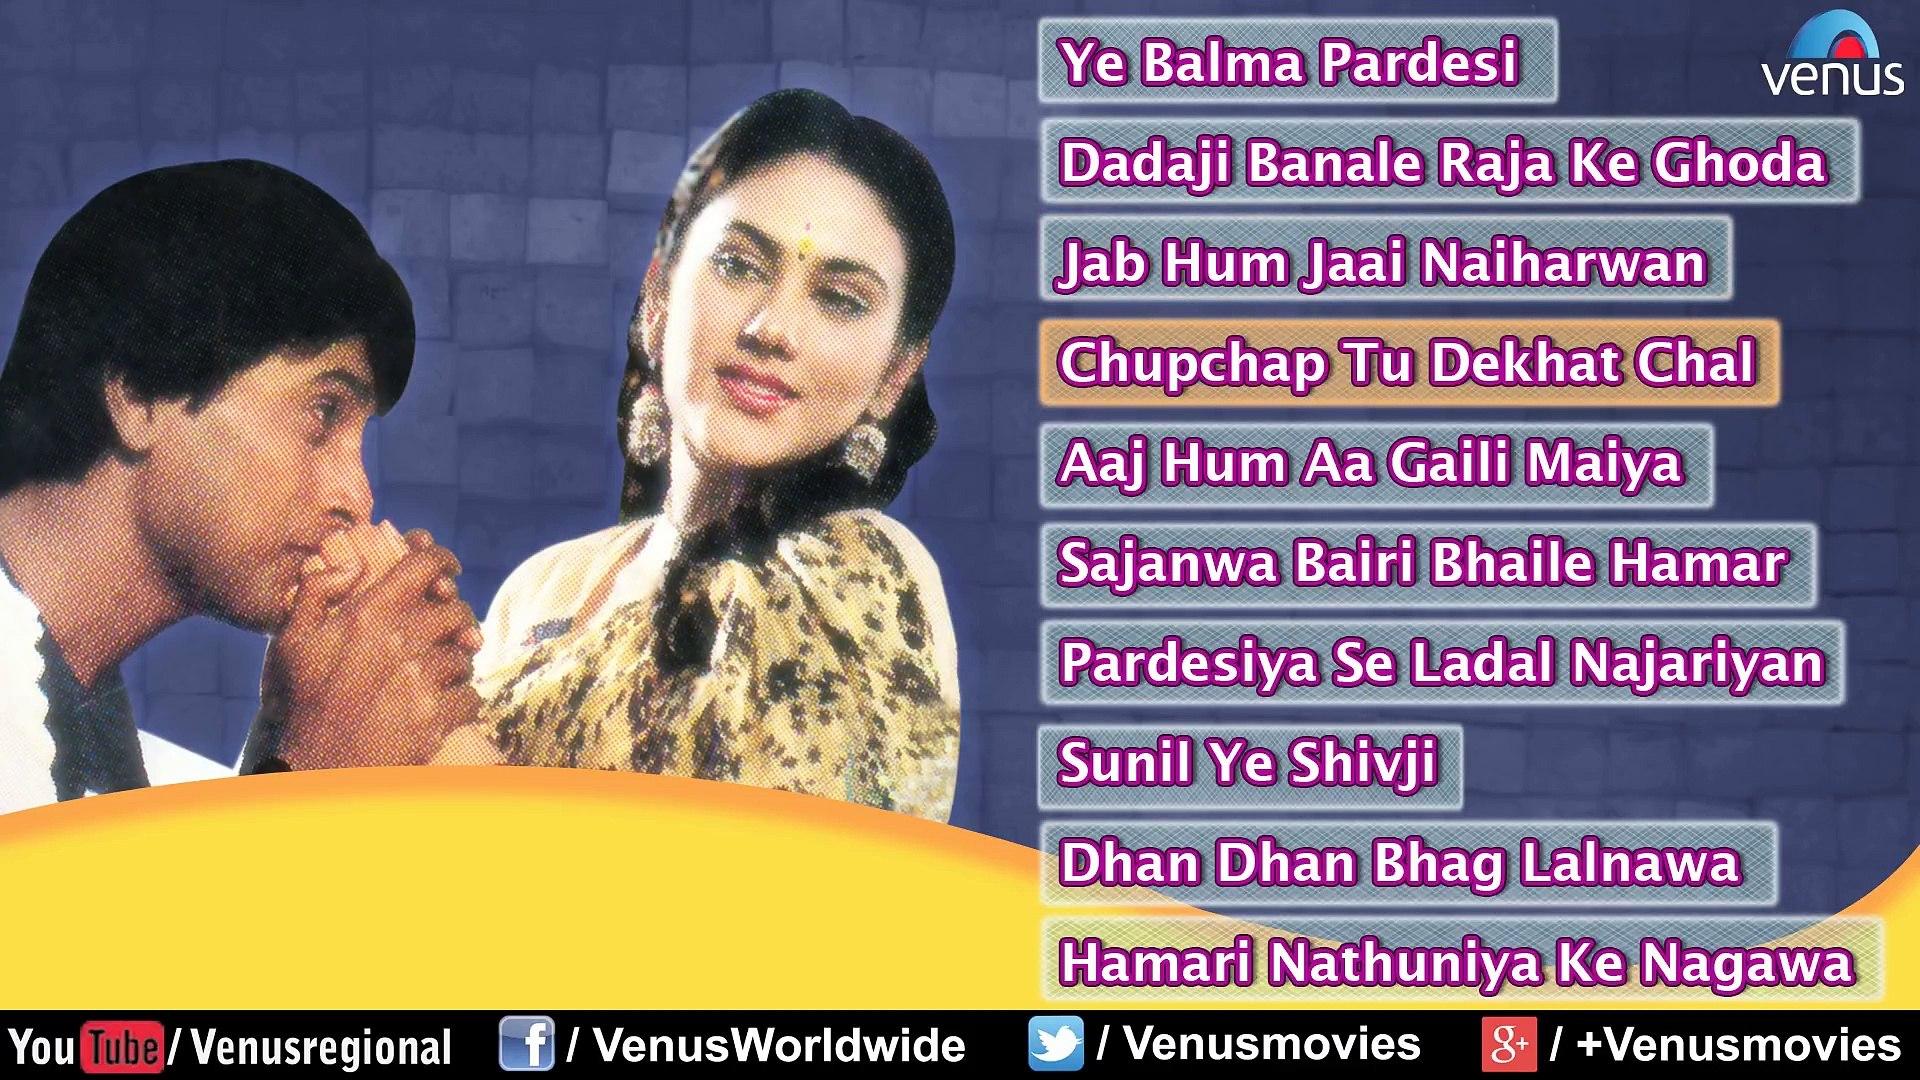 sajanwa bairi bhaile hamar